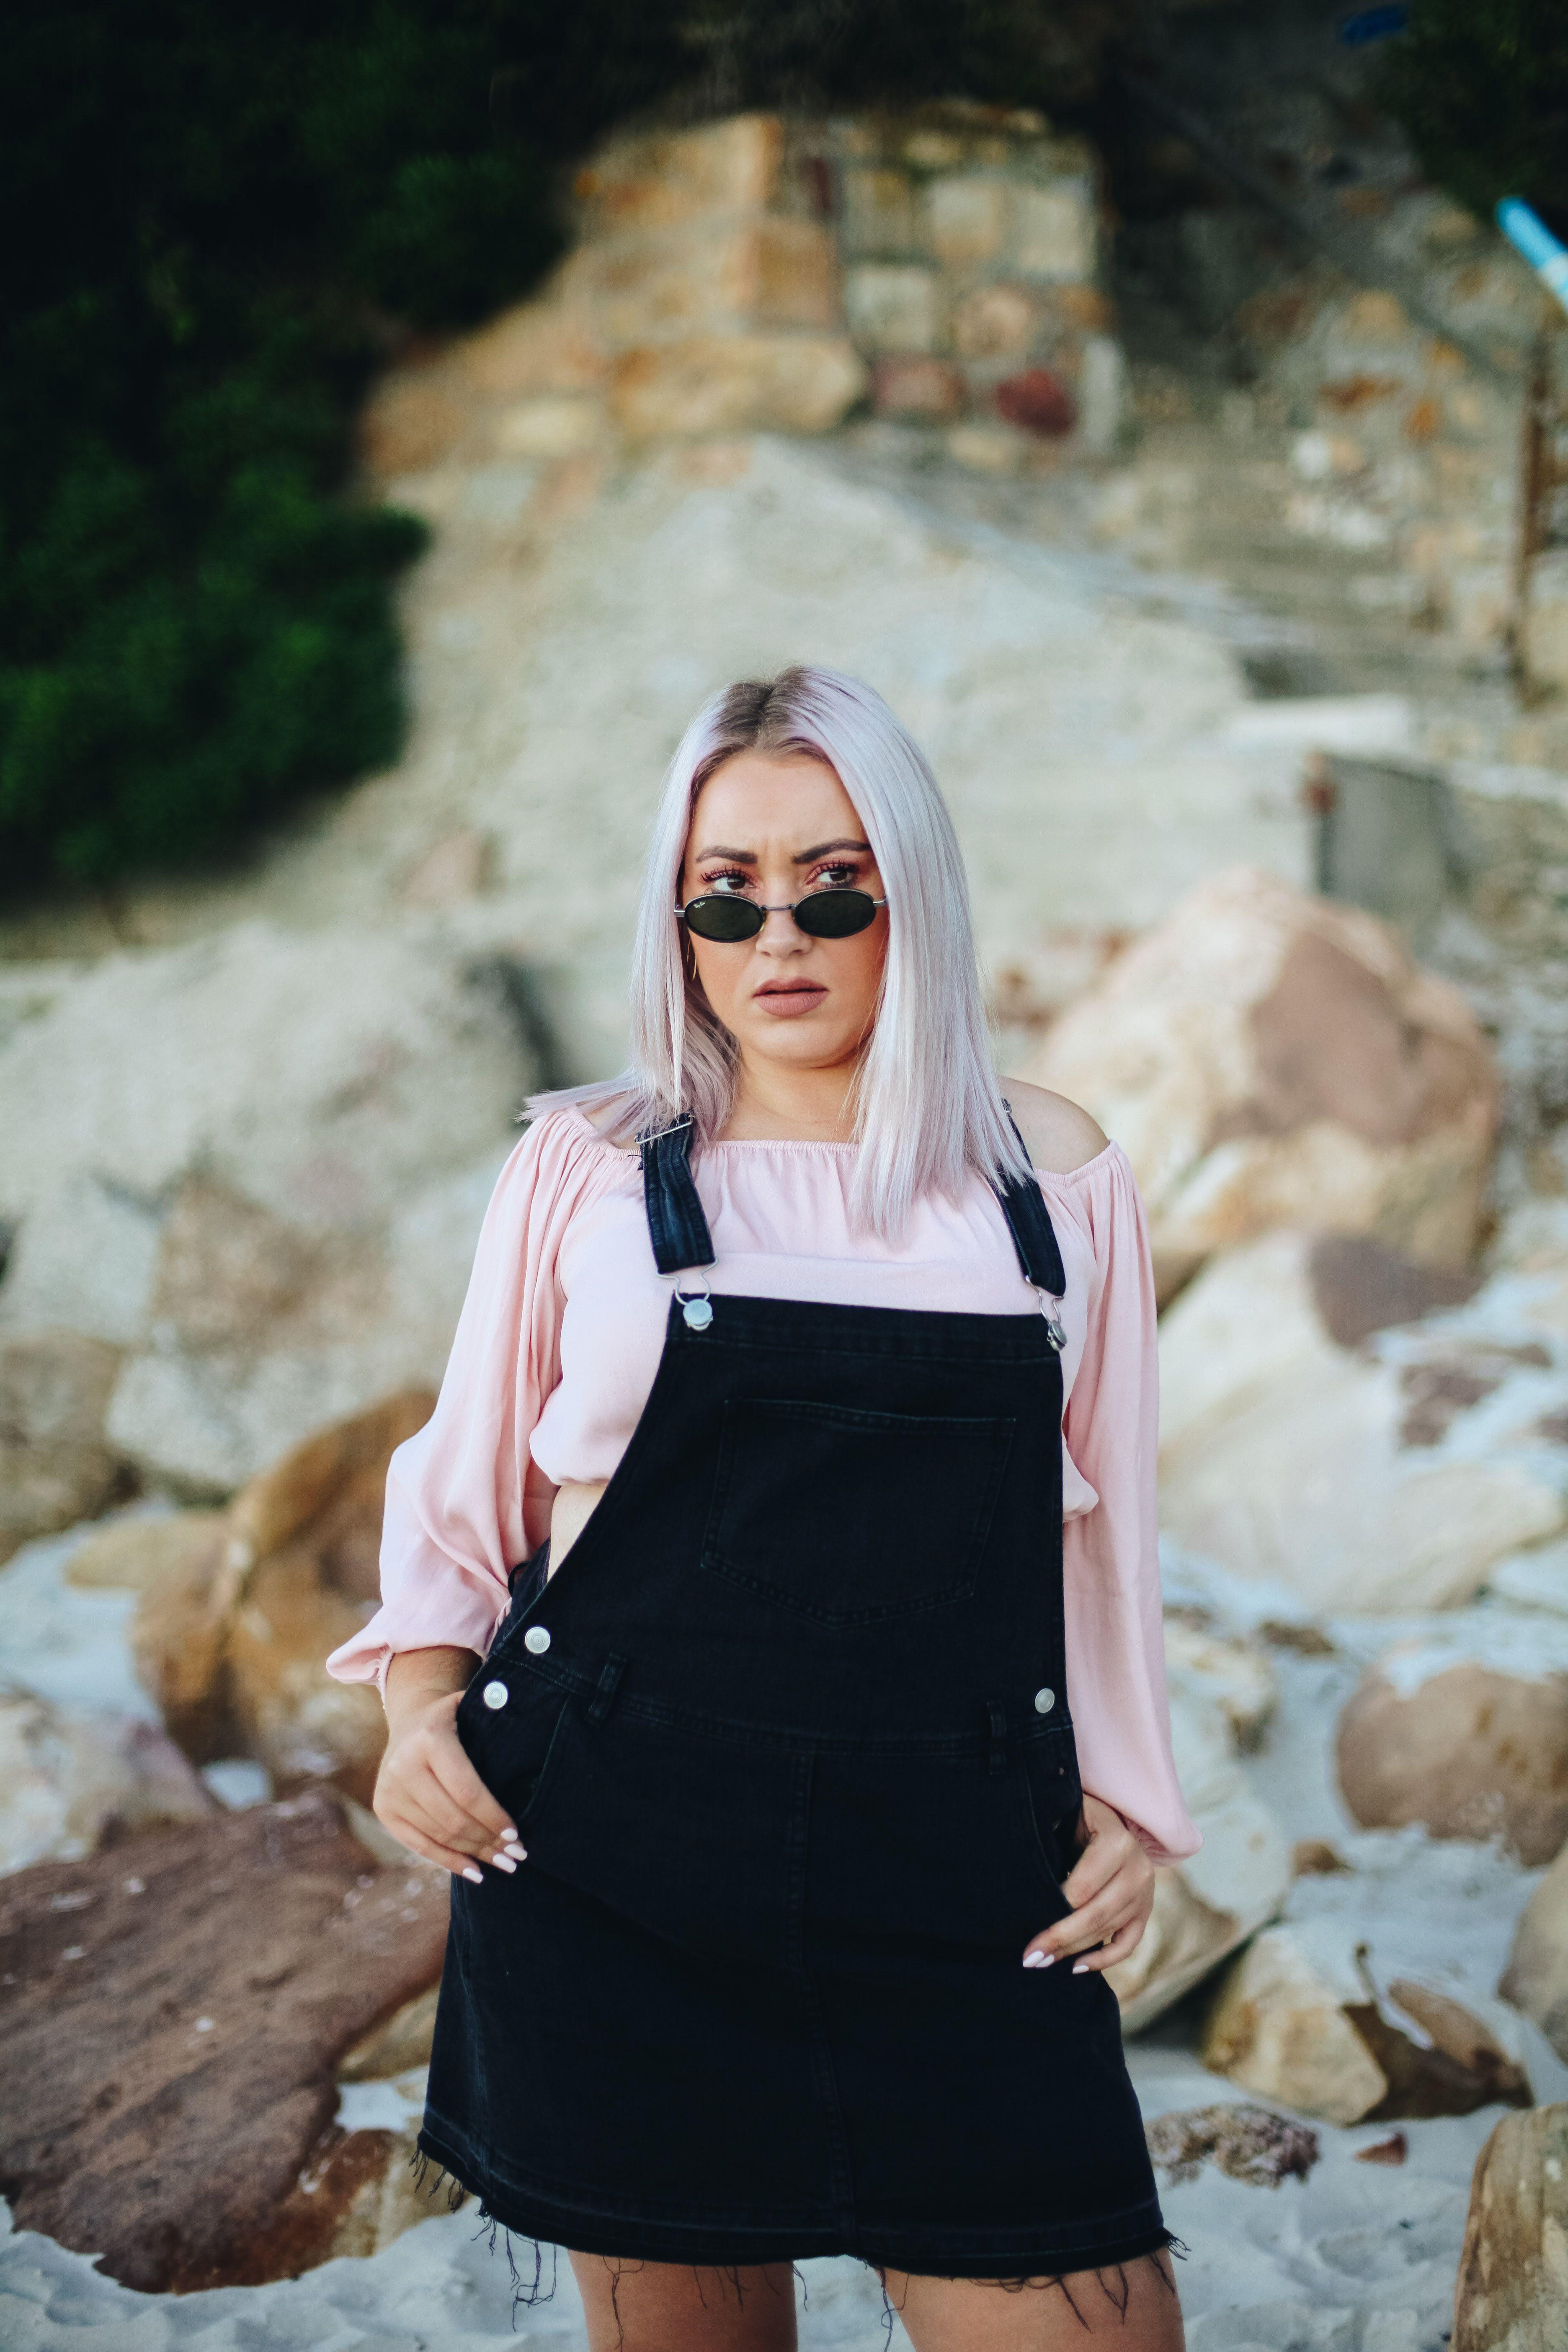 842e1ebe5c8e Summer outfit inspiration Blogger   Simone Munnik Photographer  Tegan Smith  Photography Cape Town